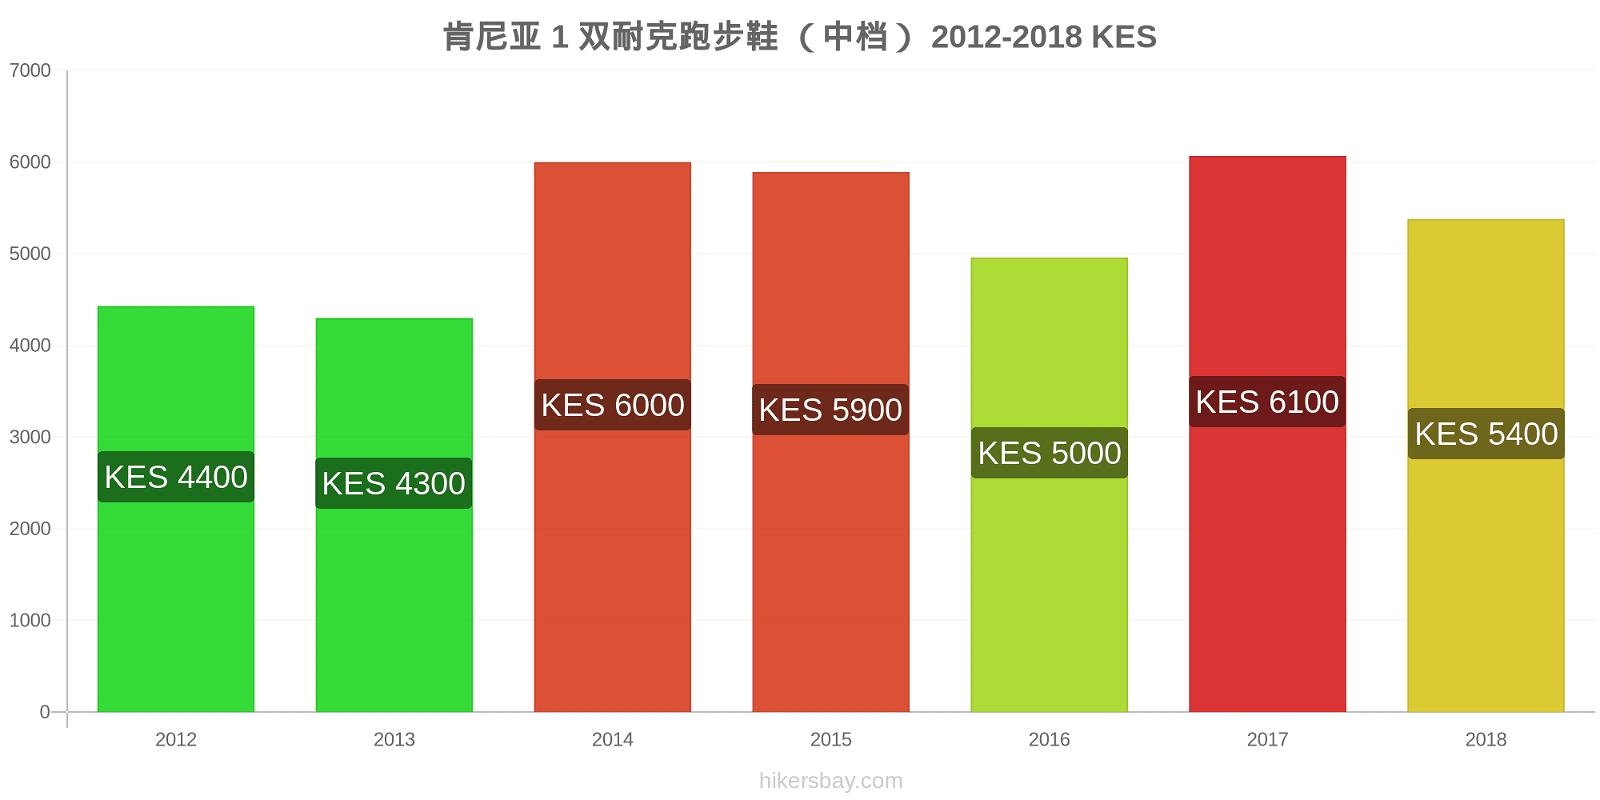 肯尼亚 价格变化 1 双耐克跑步鞋 (中档) hikersbay.com